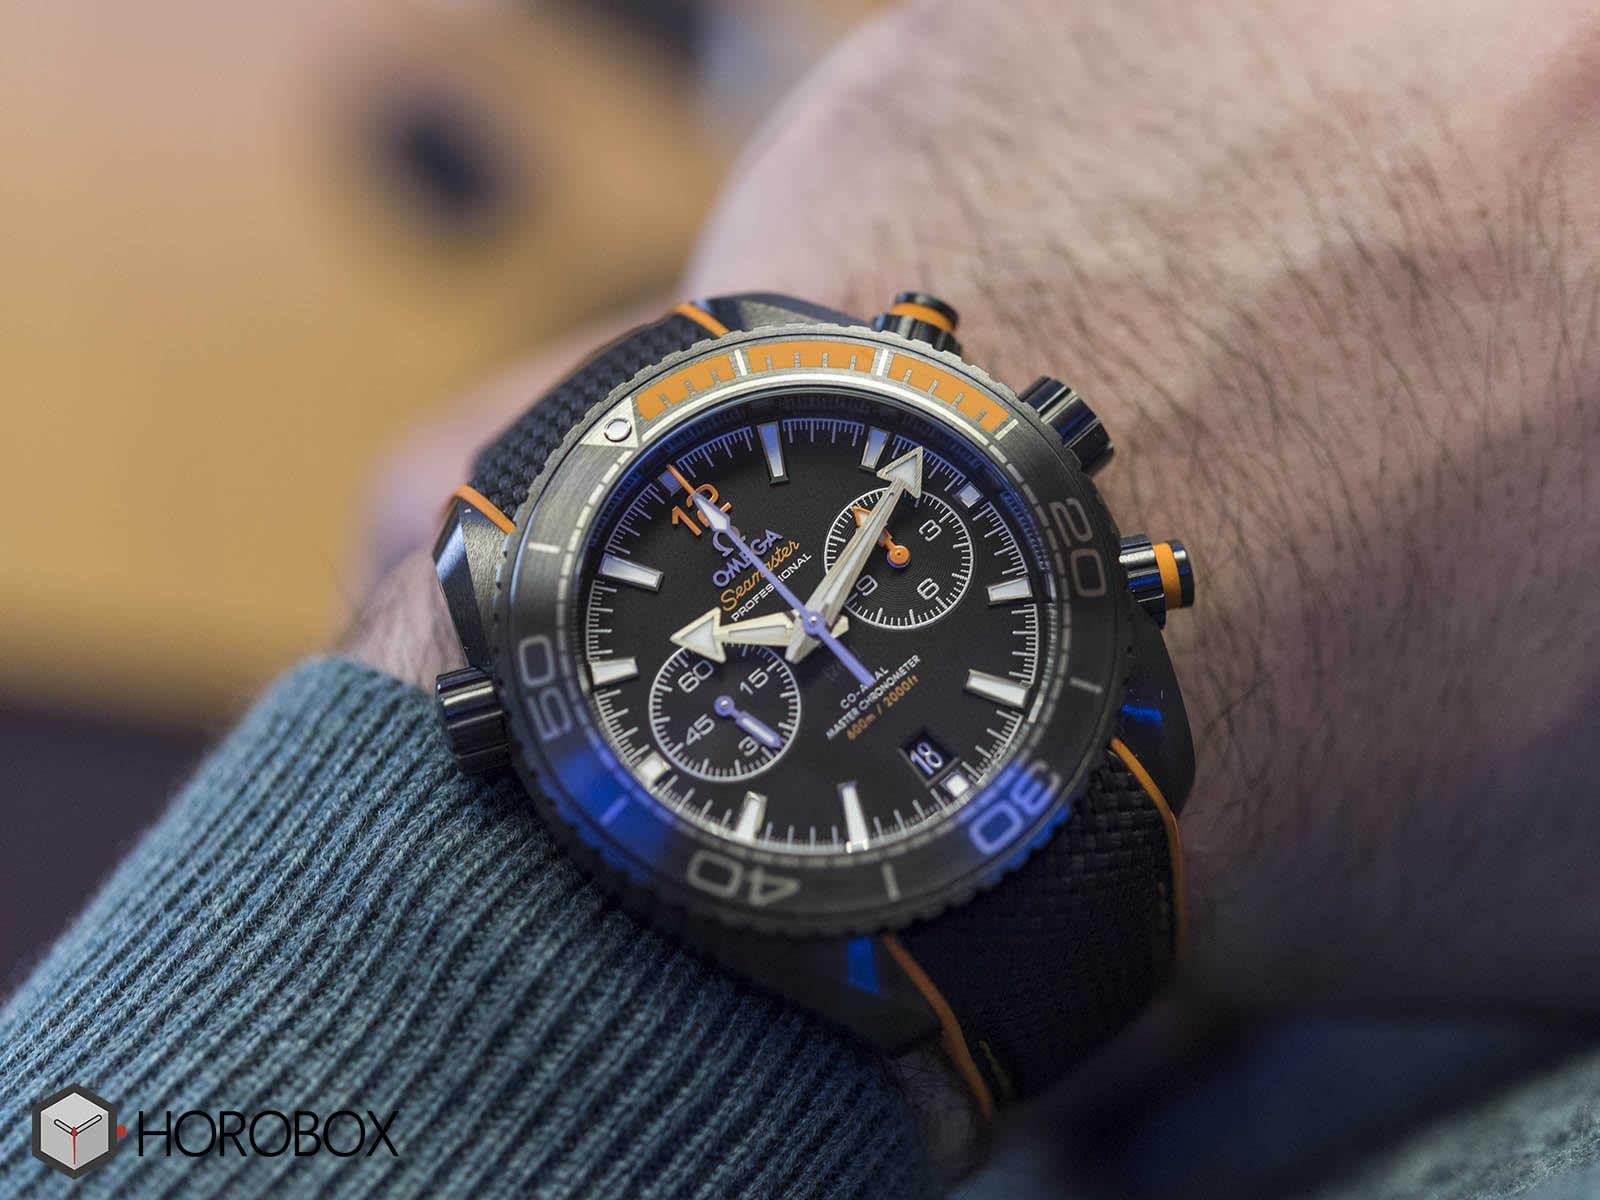 omega-planet-ocean-chronograph-master-chronometer-215-92-46-51-01-001-9-.jpg